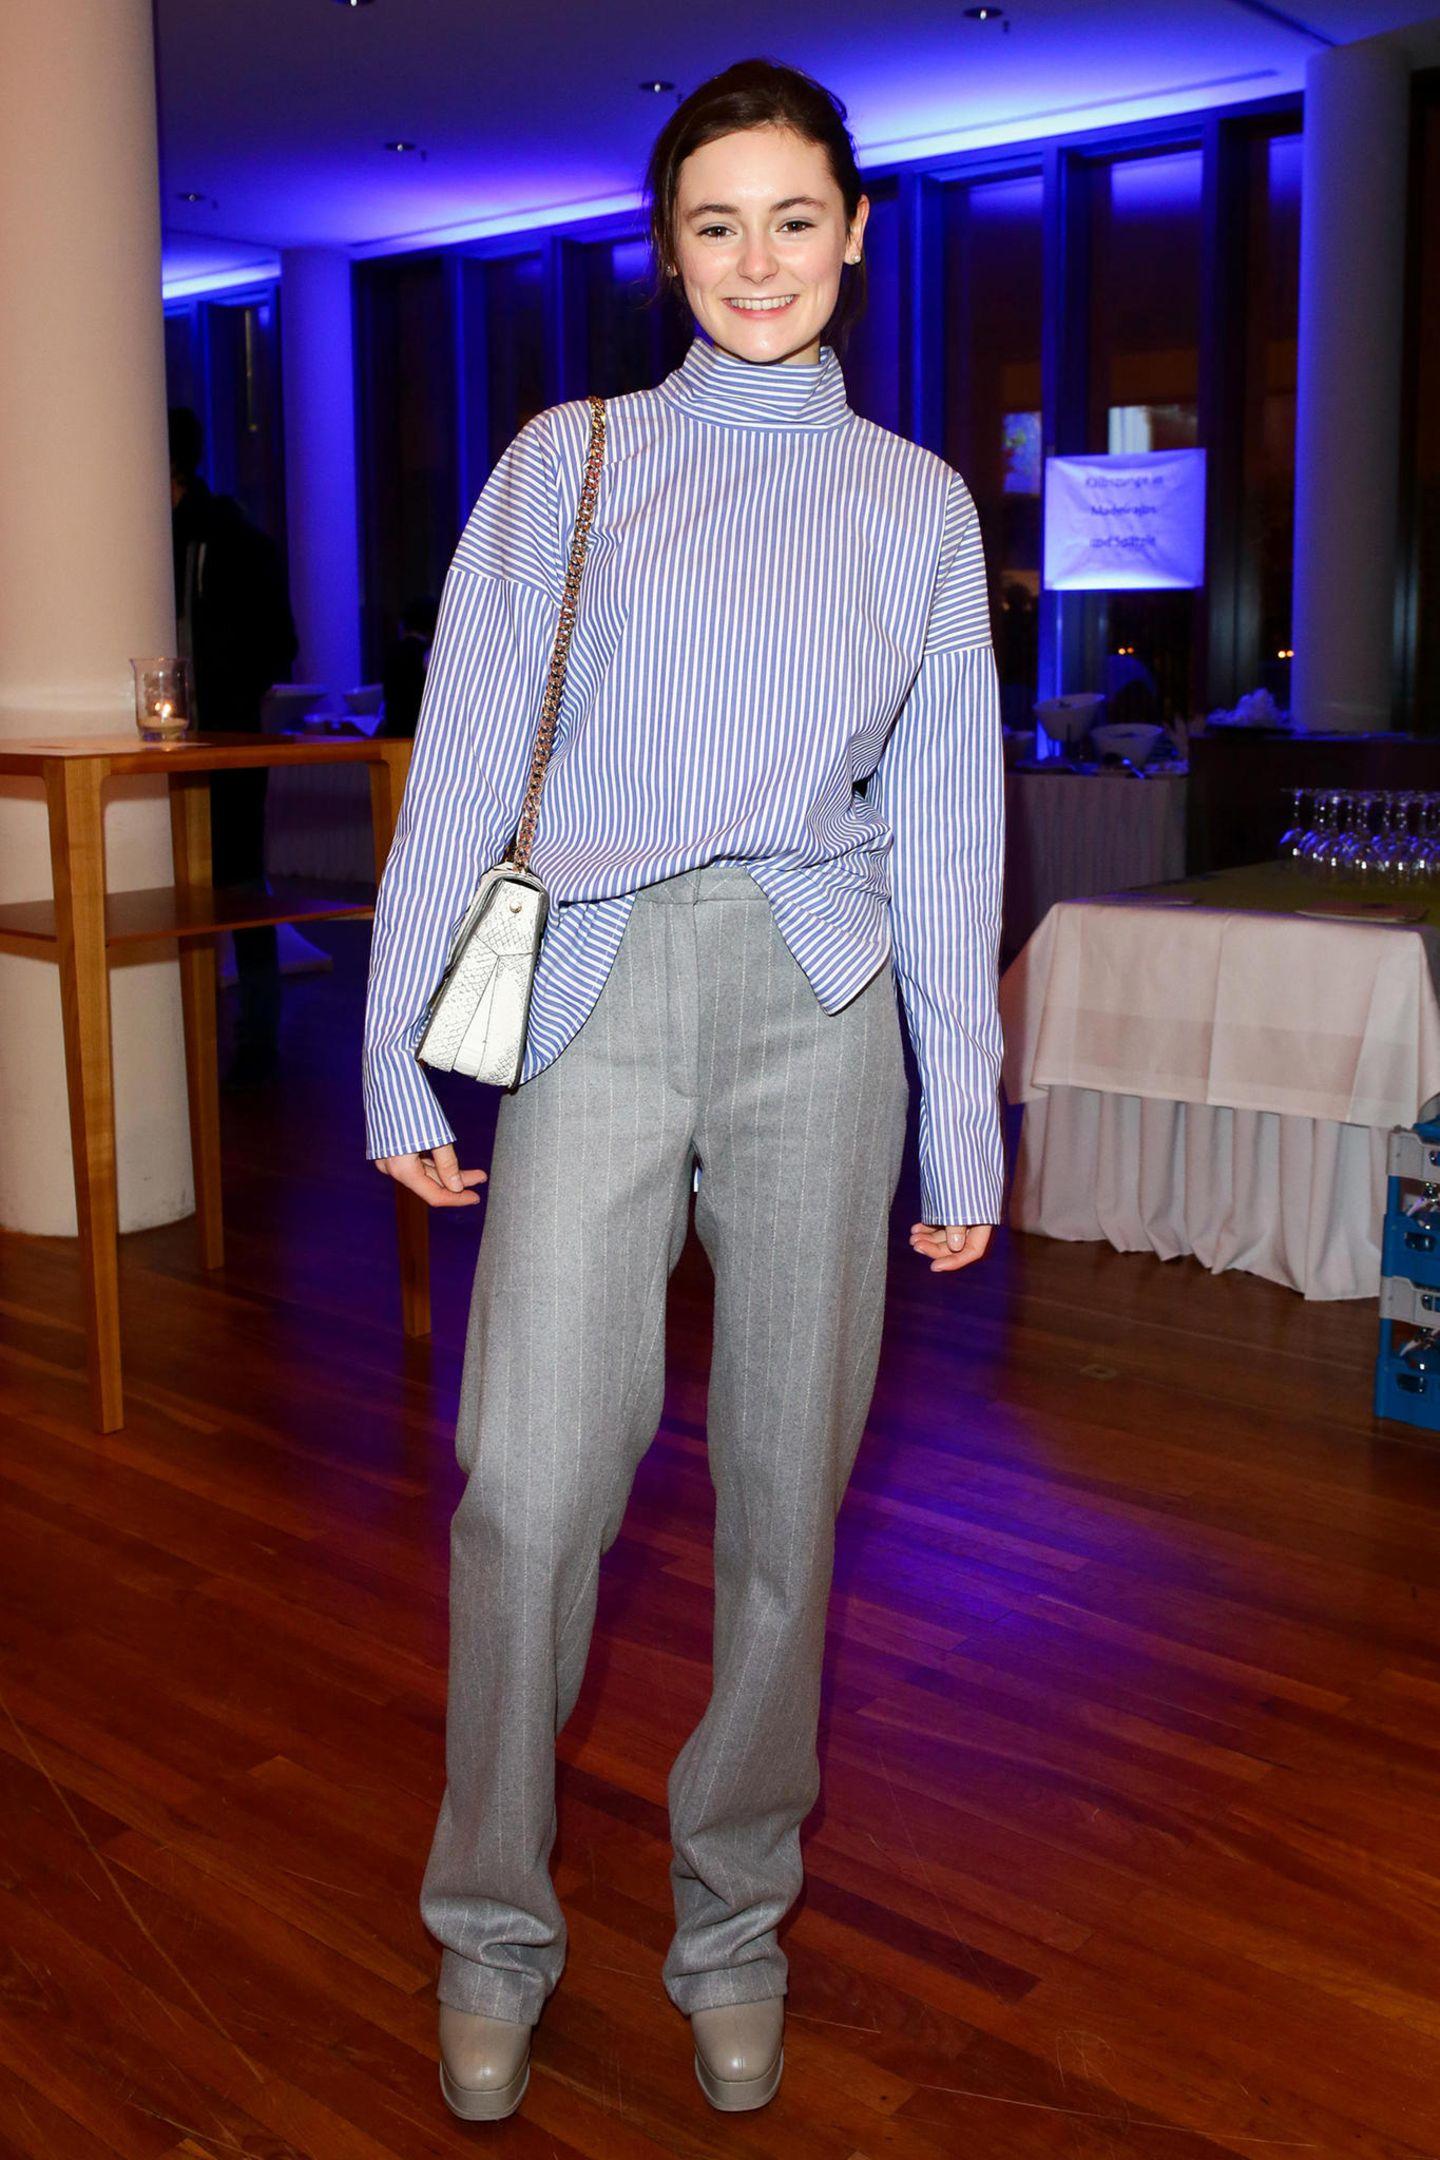 Nachwuchsstar Lea van Acken zeigt sichbeim Auftaktempfang der Produzentenallianz zur 67. Berlinale ganz stylisch in Hellblau und Grau.